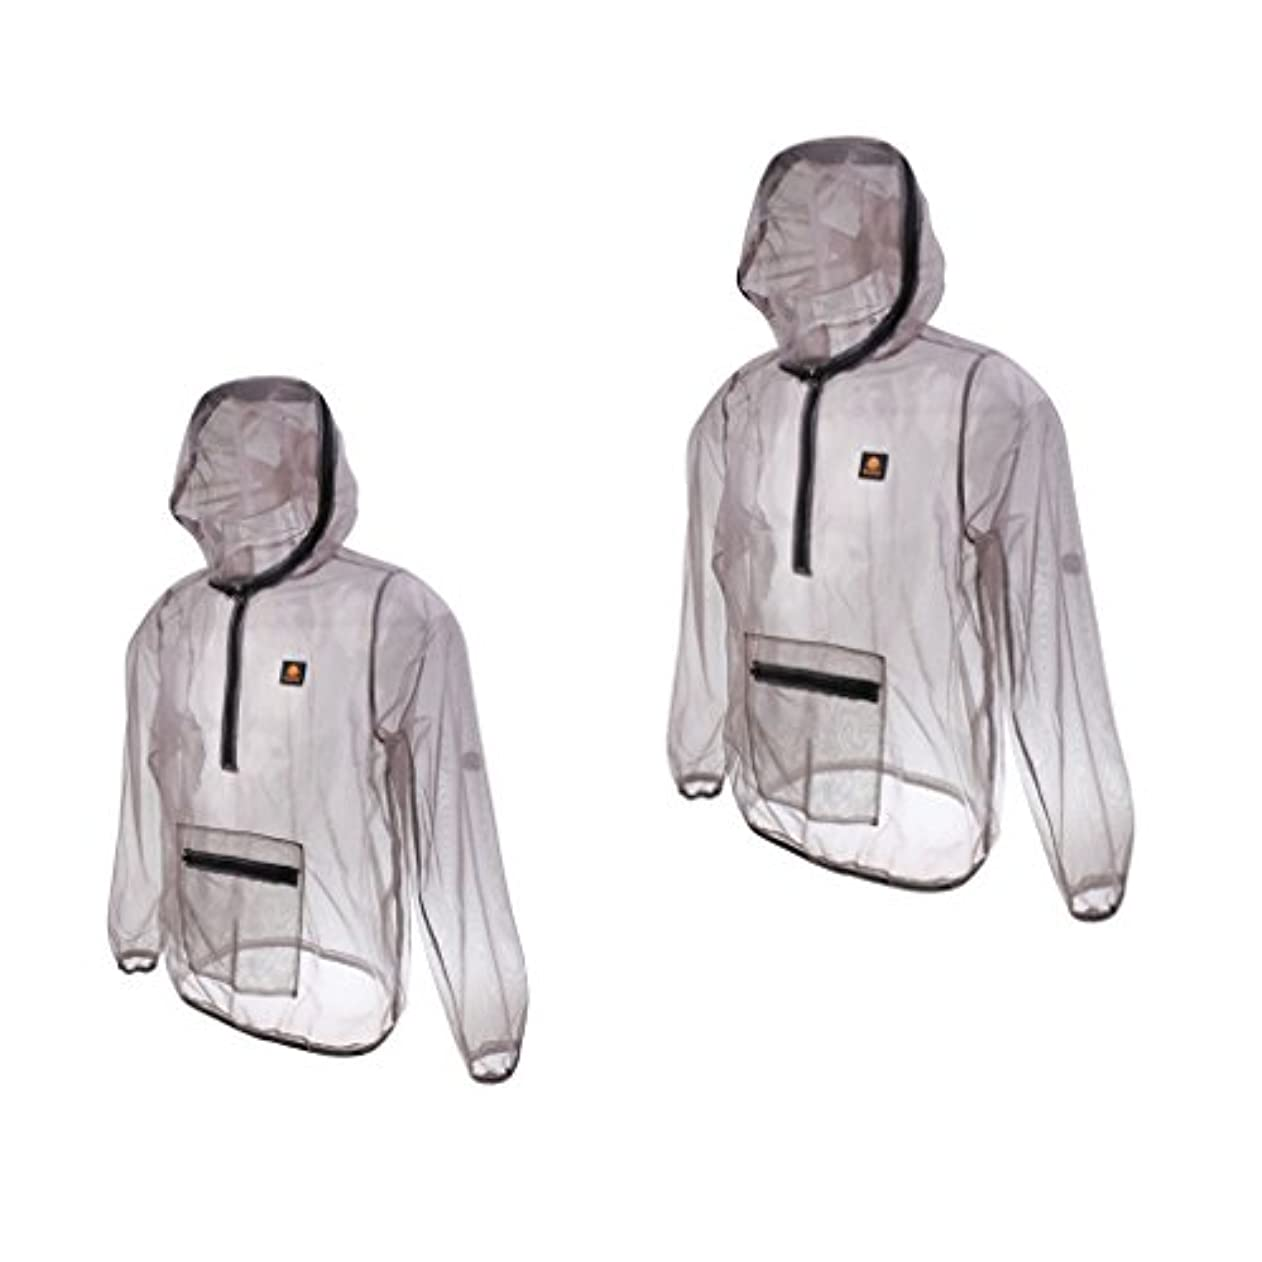 無臭弱点変動する2サイズセット XL + XXL 蚊よけジャケット 屋外活動 軽量 虫よけ メッシュ 速乾性 ガーデニング